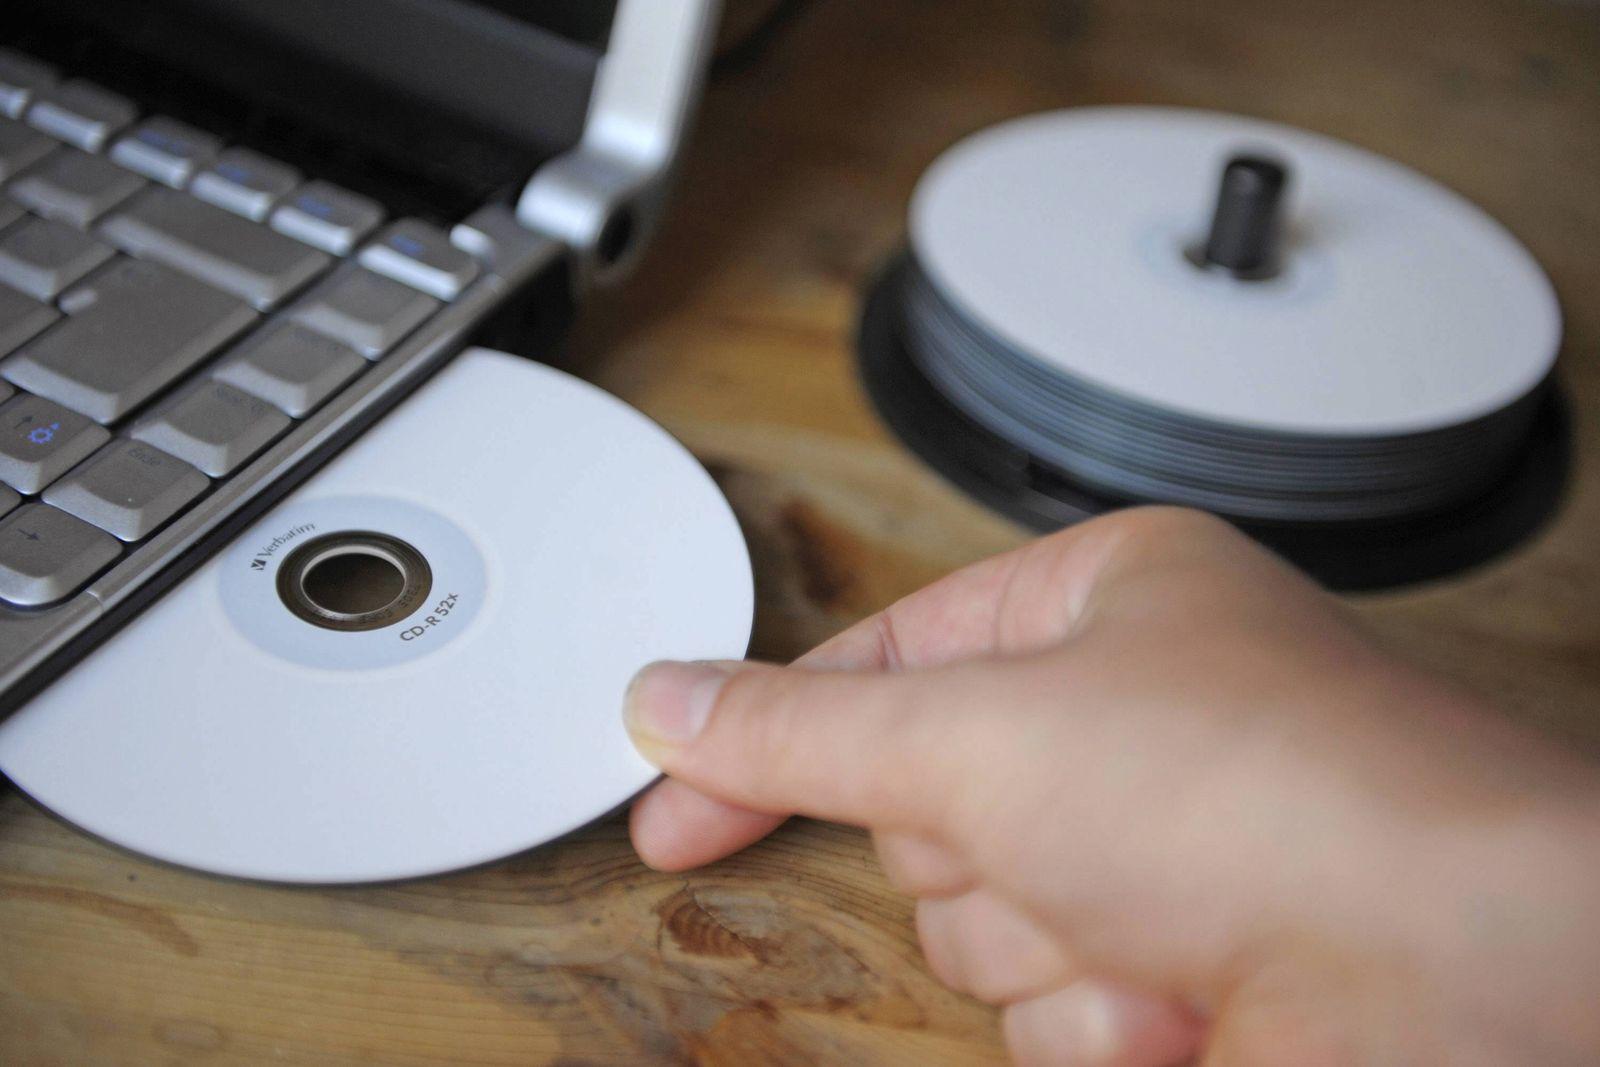 NICHT VERWENDEN SYMBOLBILD / Daten-CD